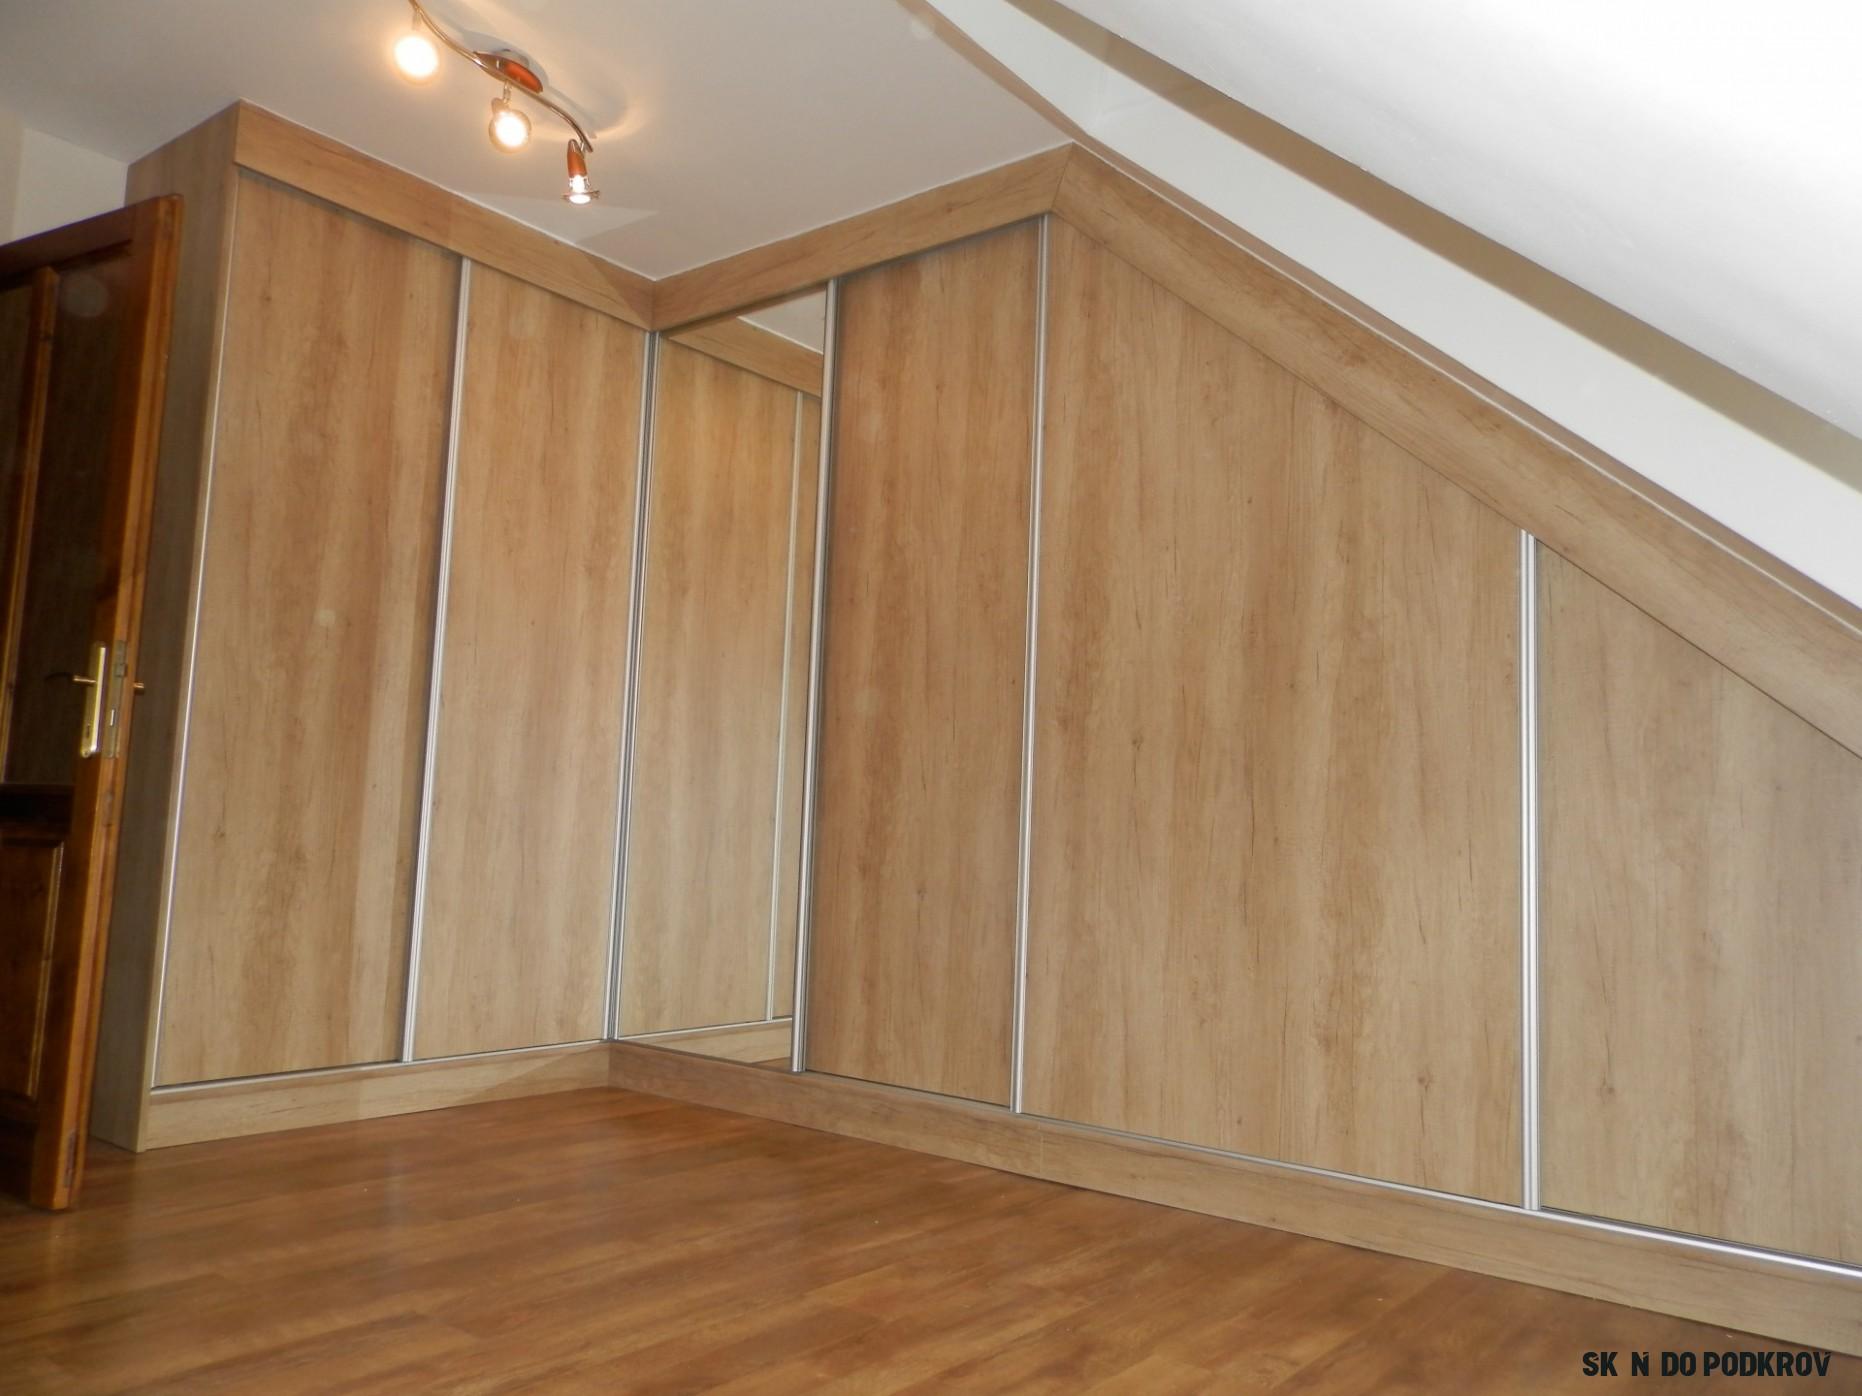 Vestavná rohová skříň do podkroví - Domažlice  Vestavěný nábytek